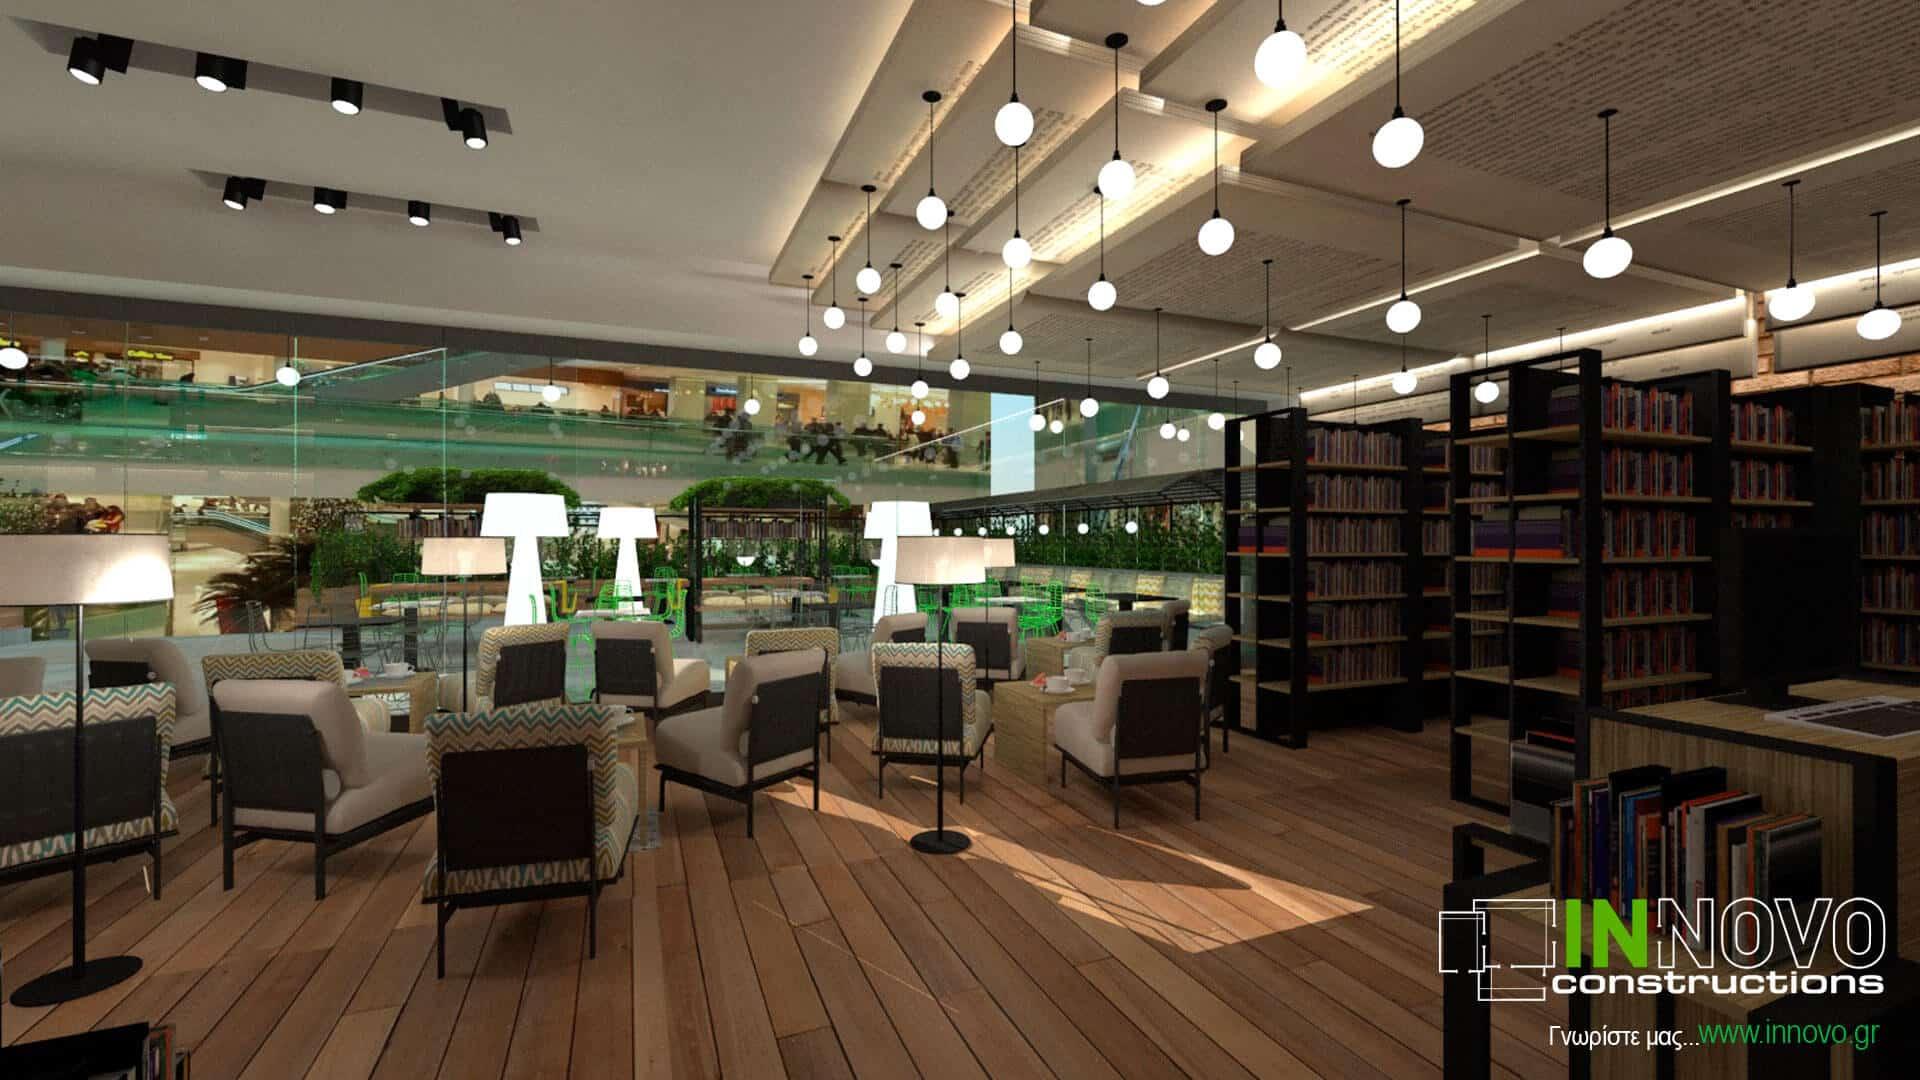 meleti-kataskebi-anakainisi-cafeterias-book-cafe-14